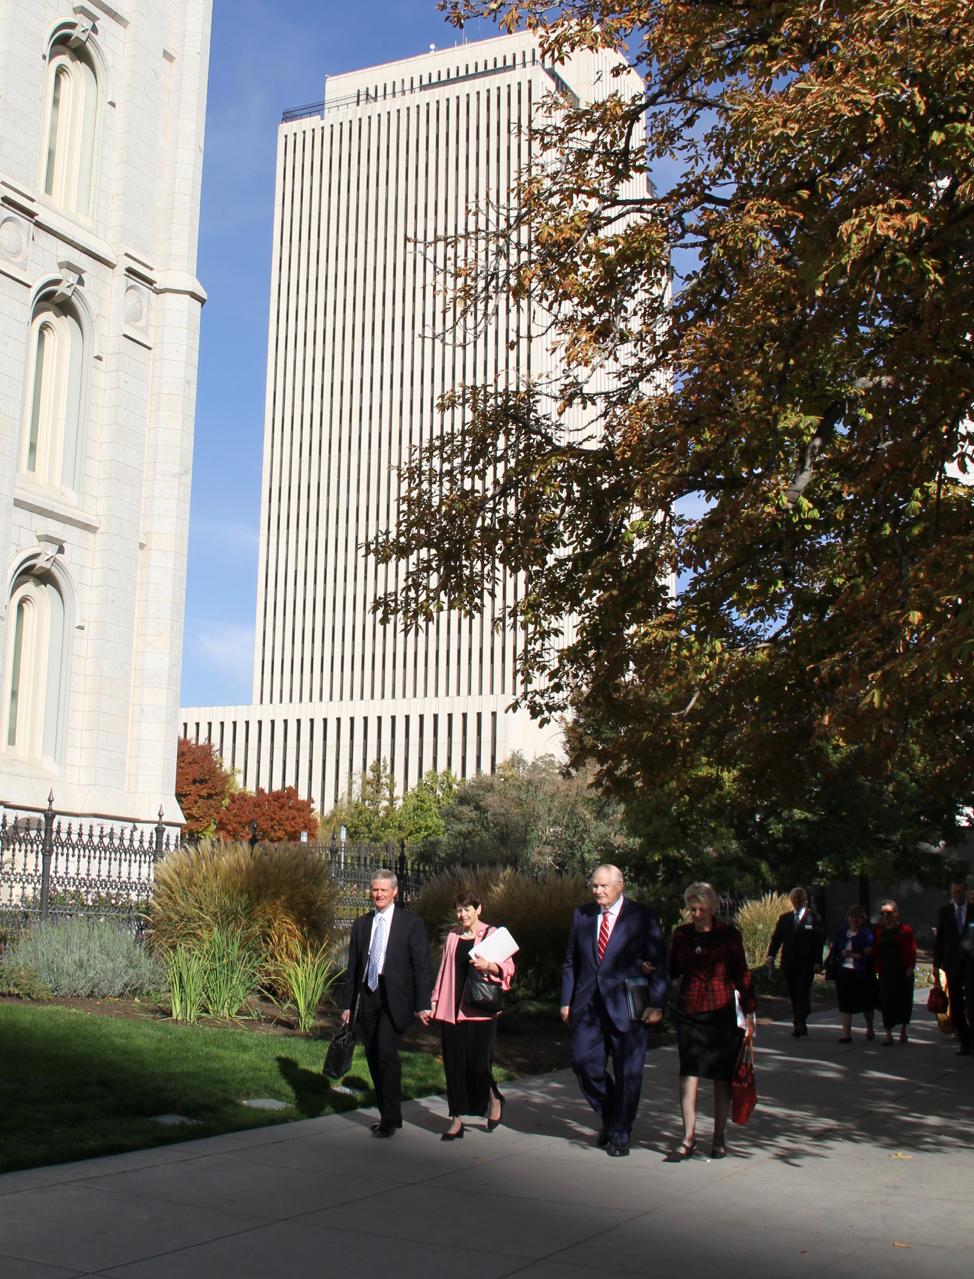 Começando pela esquerda, élder David A. Bednar, irmã Susan Bednar, élder Dale G. Renlund e irmã Ruth Renlund andam na Praça do Templo, liderando um grupo de 63 casais recém-chamados de presidentes e diretoras de templo atendendo ao Seminário de Liderança de Templos de 2019 nos dias 15-17 de outubro em Salt Lake City, Utah.